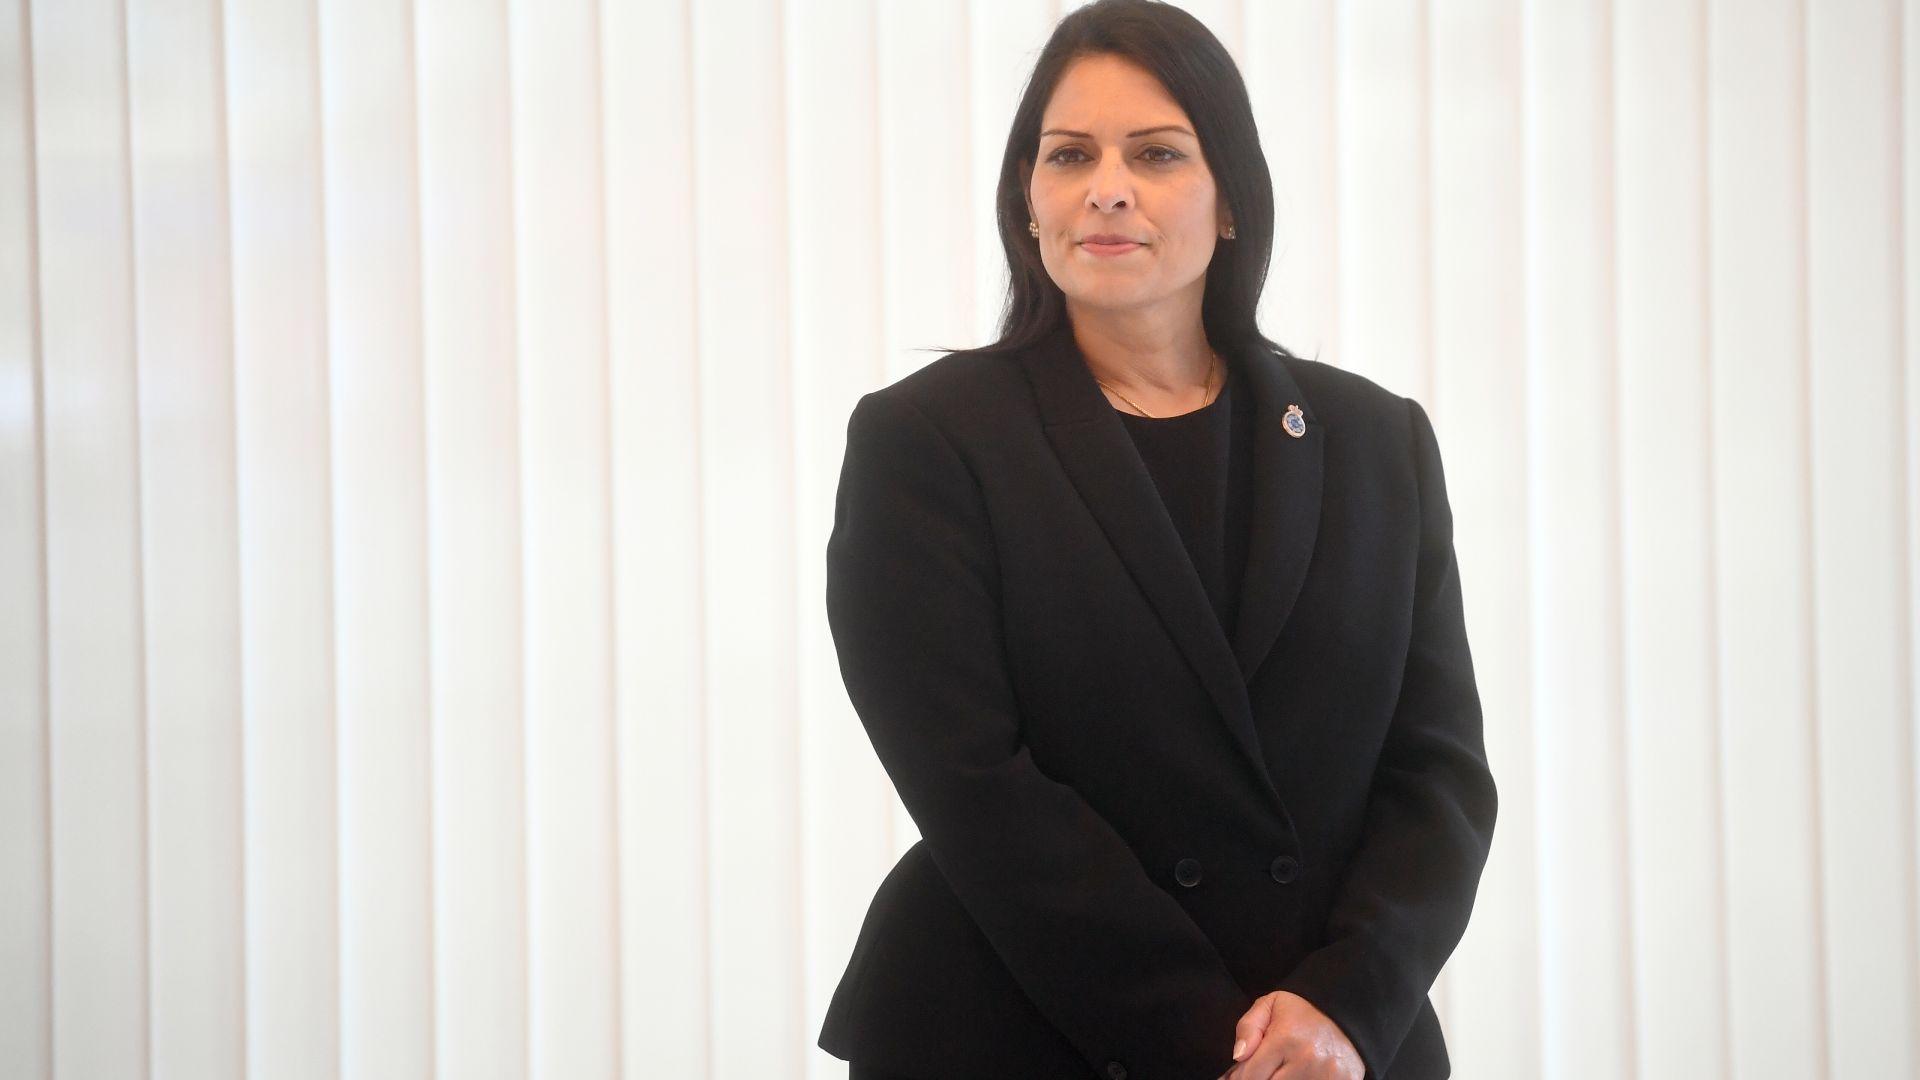 Британският вътрешен министър се извини след обвиненията в тормоз над подчинени